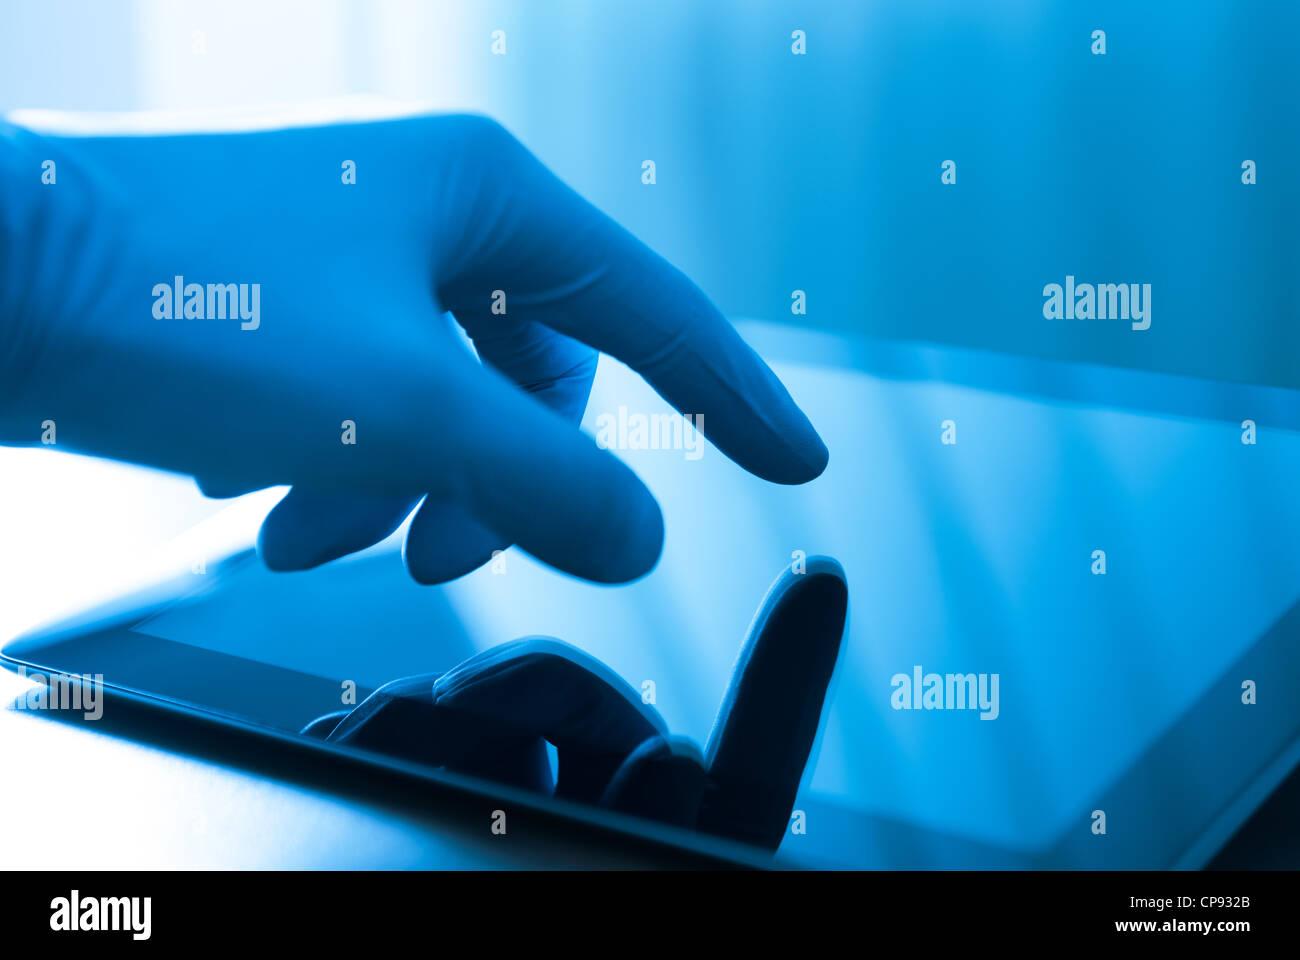 Mano nel guanto blu toccando moderna digitale compressa. Concetto di immagine su medici o tema di ricerca. Immagini Stock